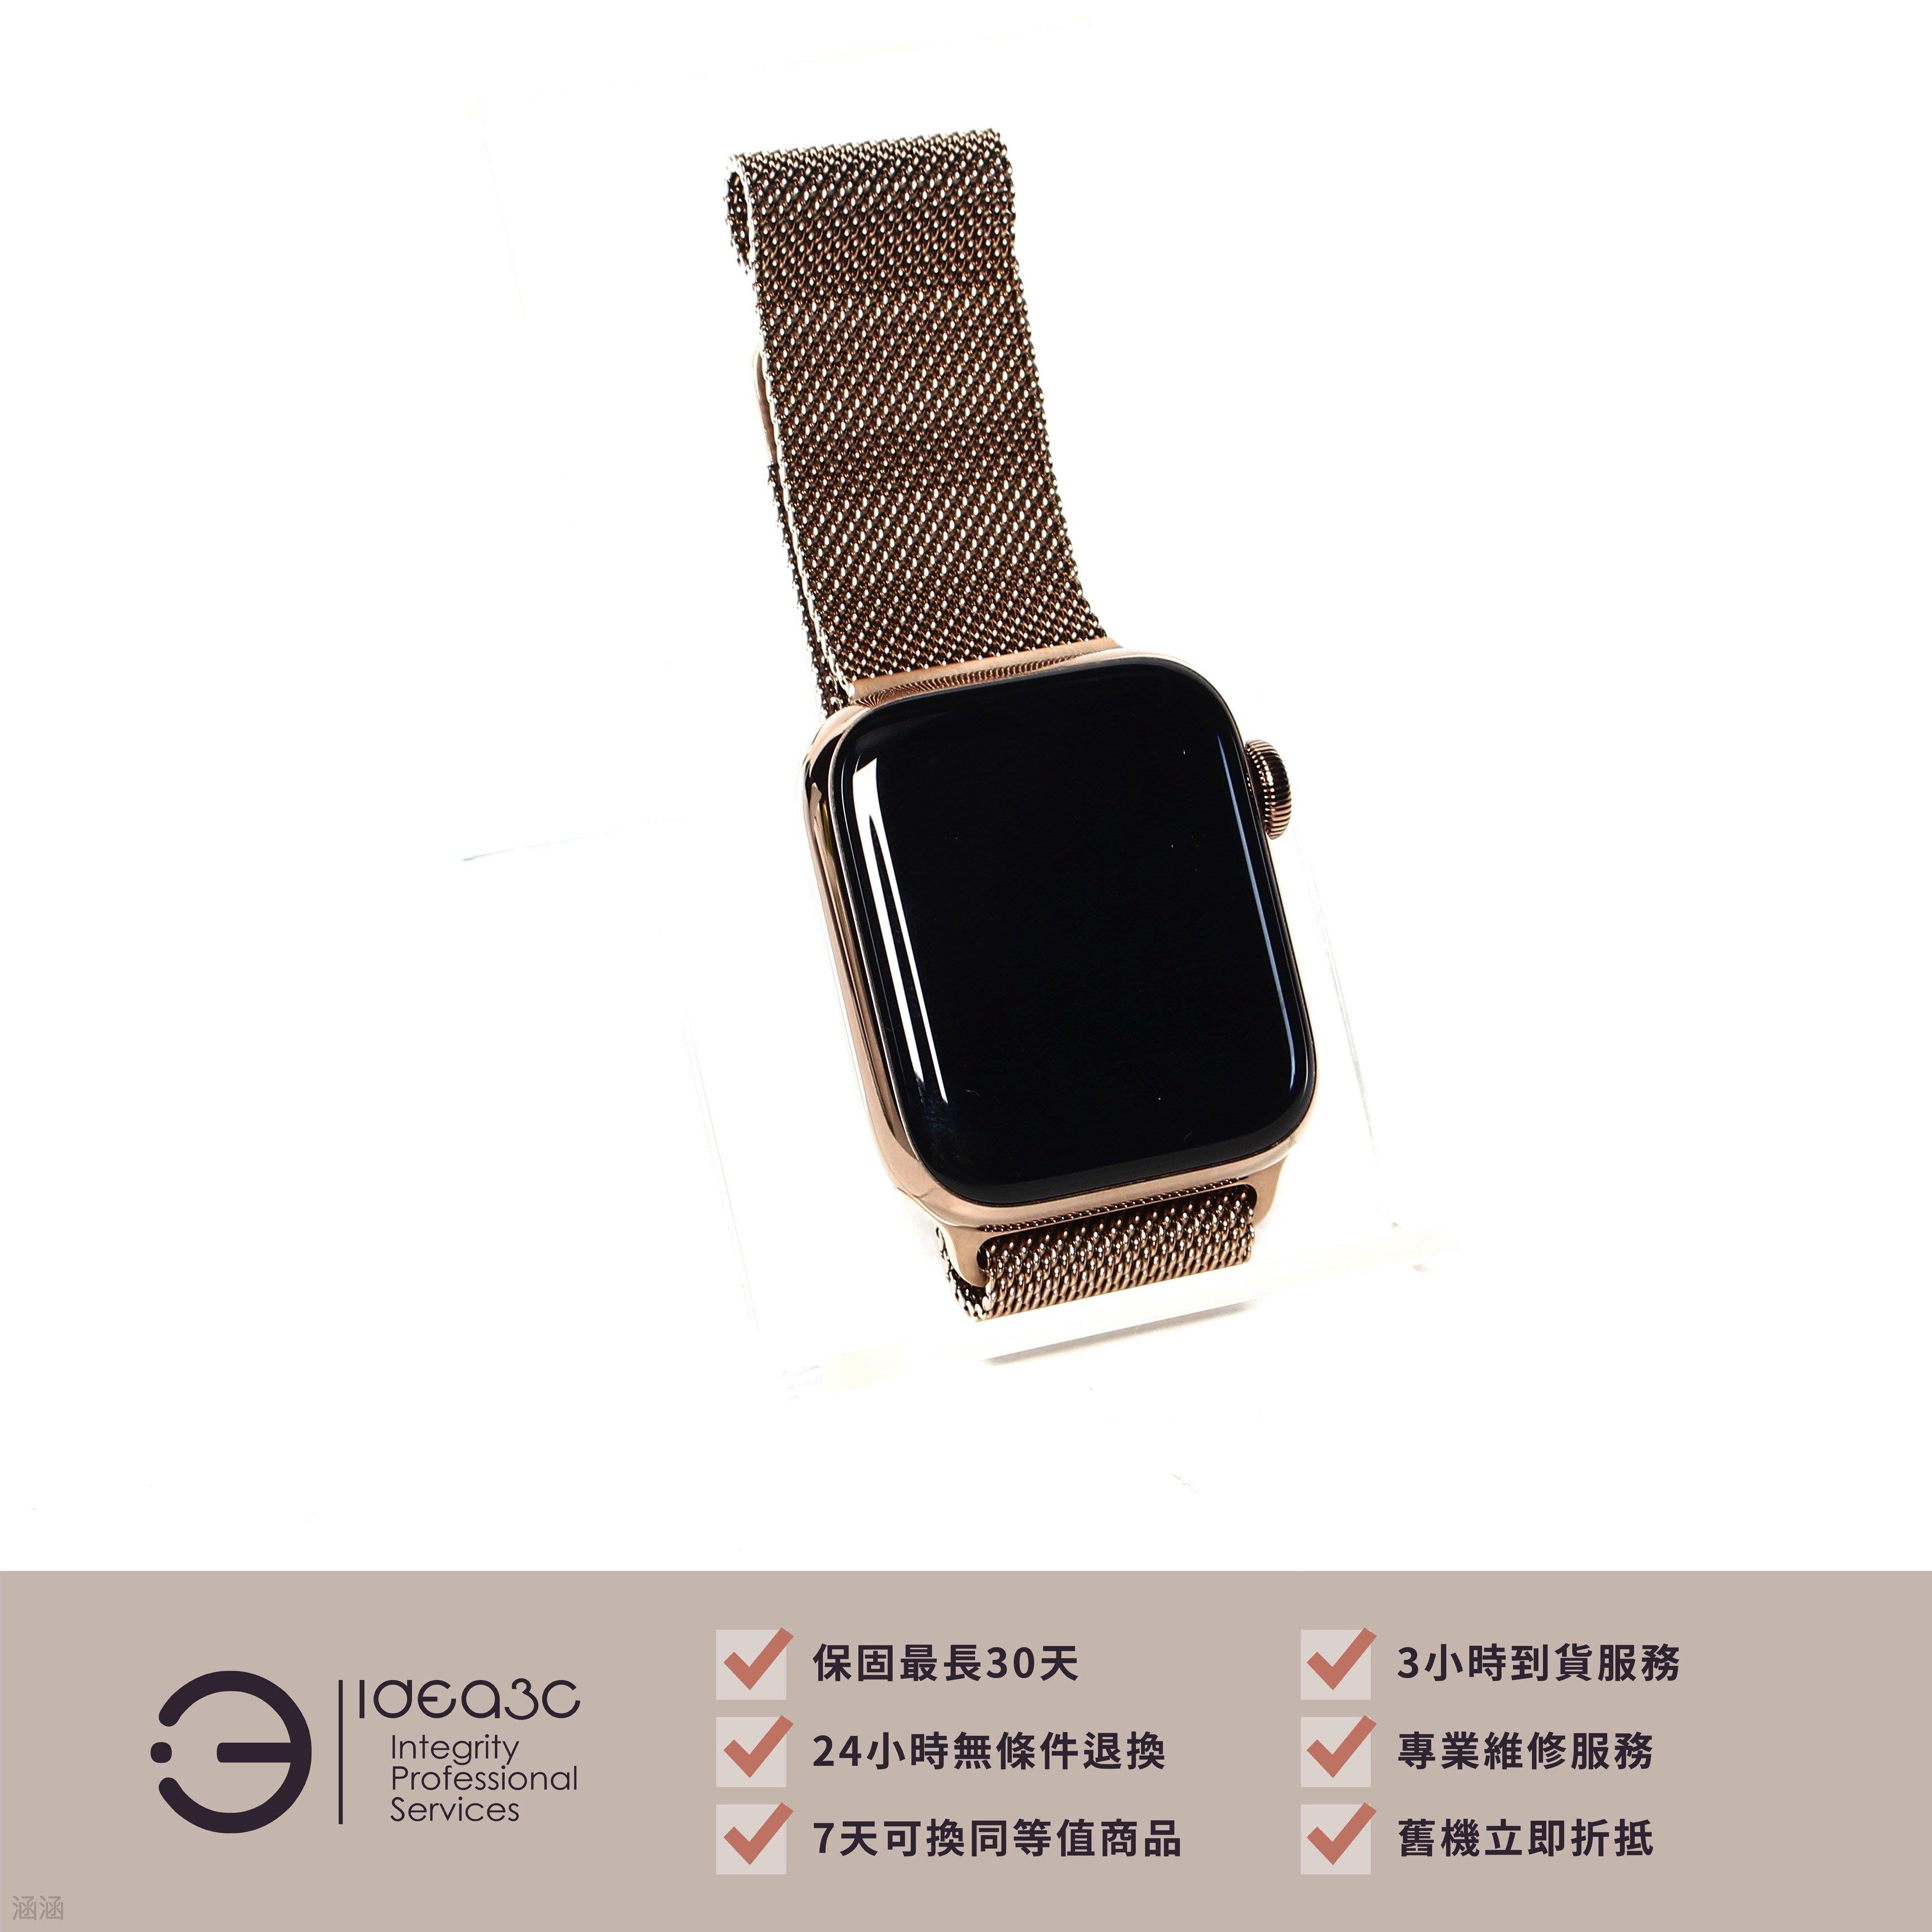 「振興現賺97折」Apple Watch Series 4 40mm LTE版【店保1個月】S4 MTVQ2TA 金色不銹鋼錶殼 金色米蘭錶環 ZB581